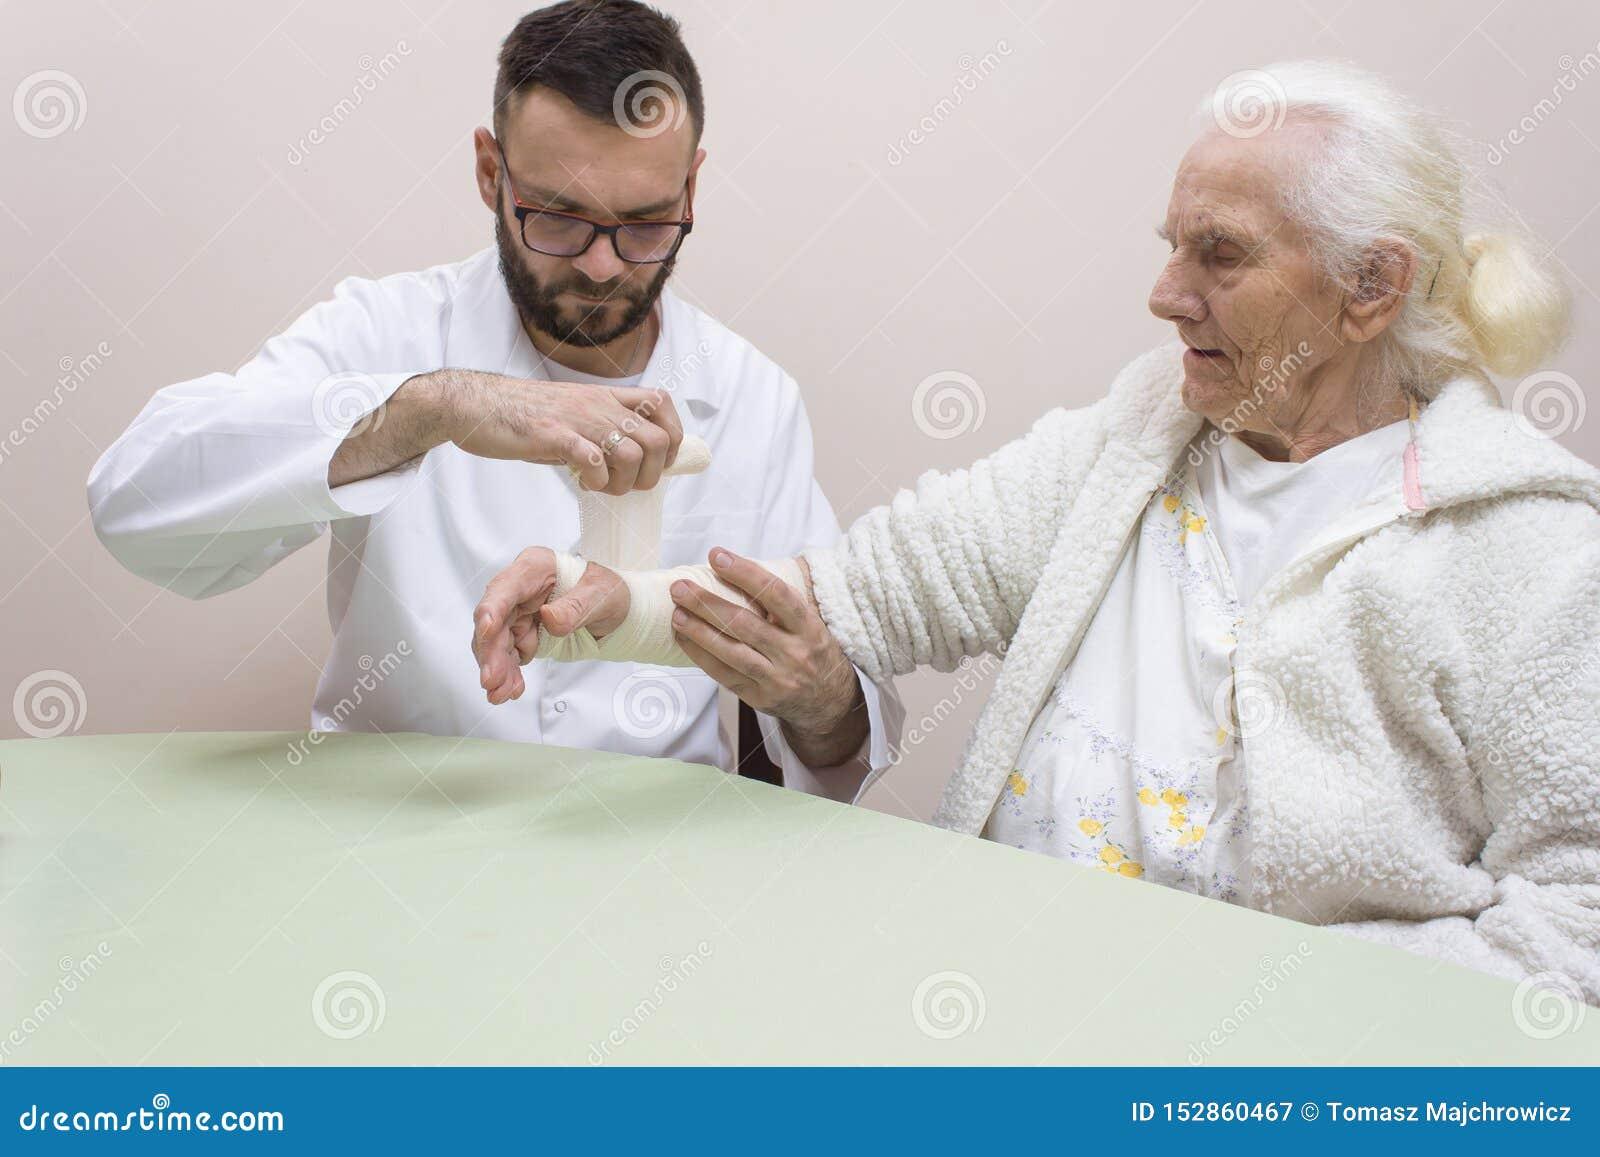 Personen med paramedicinsk utbildning i ett vitt förkläde sätter på stänger och en dressing på handleden av en mycket gammal grå